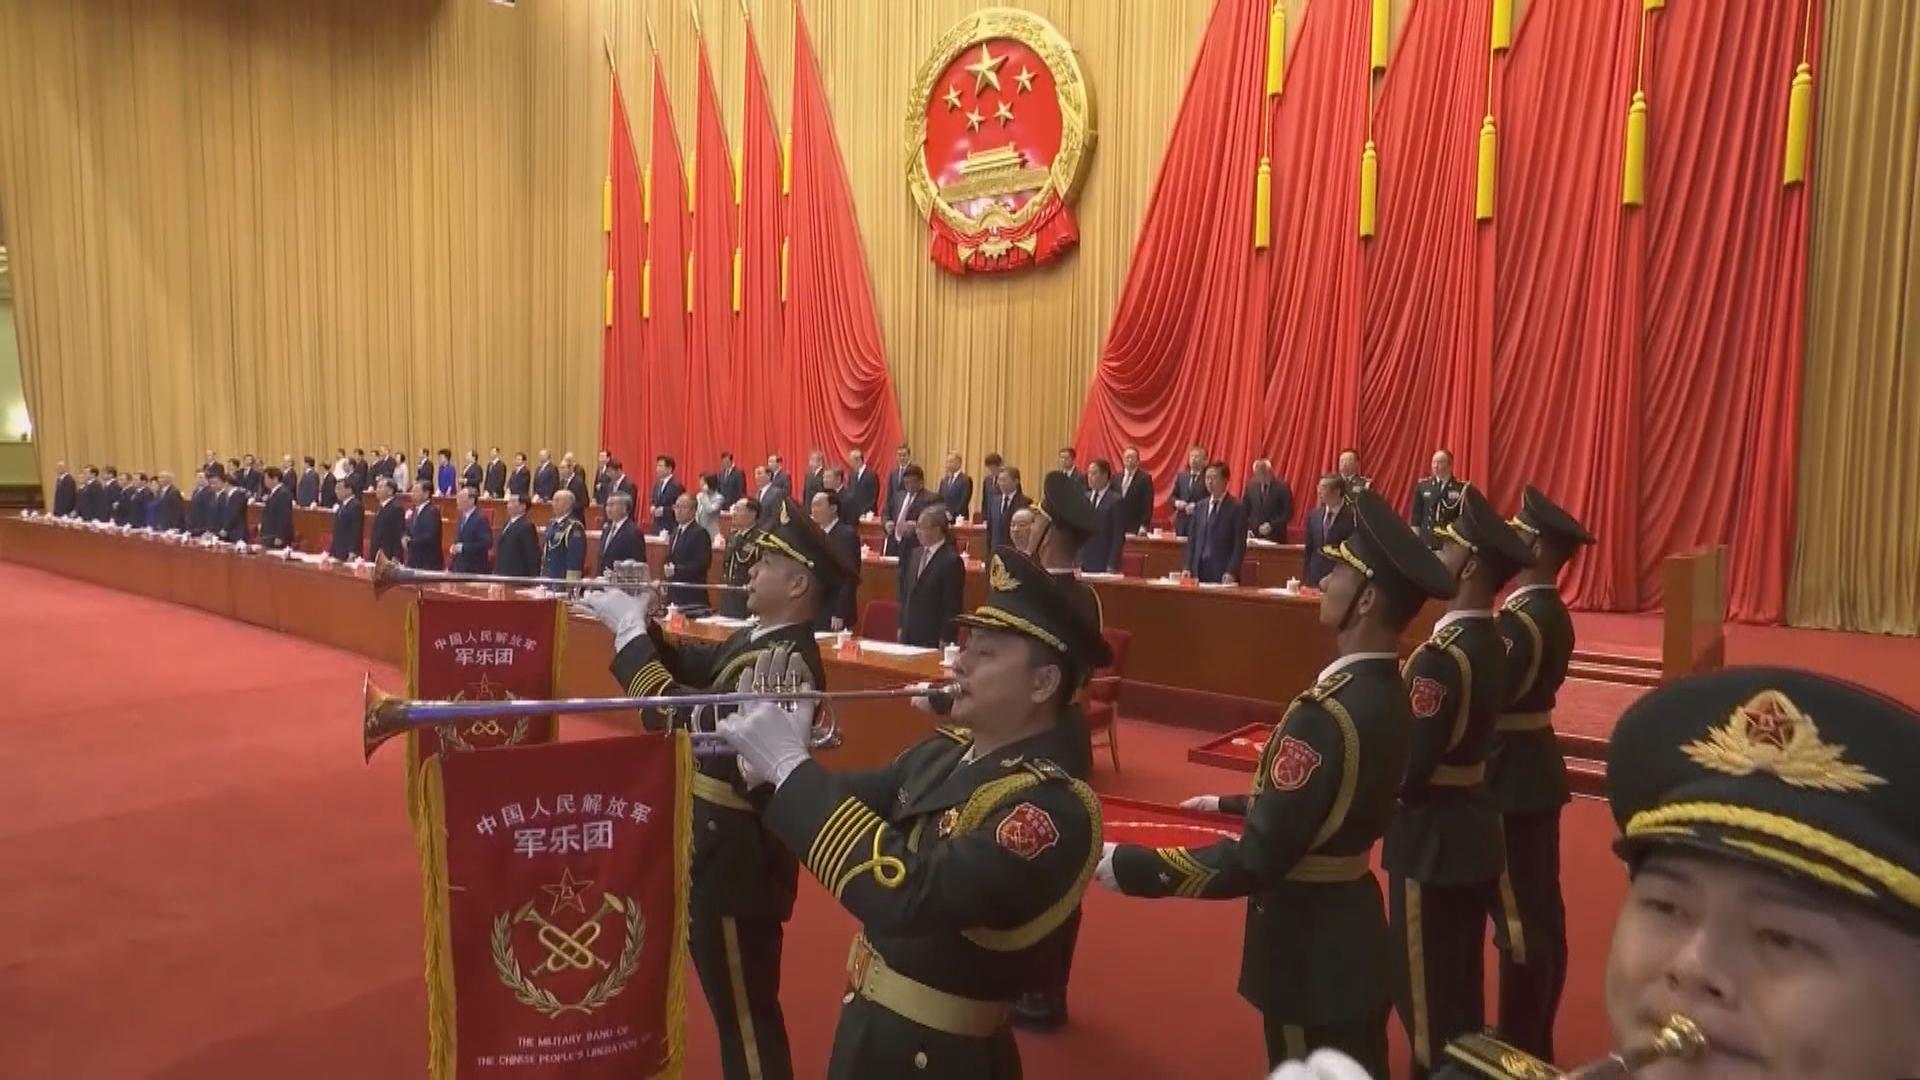 共產黨成立百周年文藝慶祝活動因故調前一天今晚舉行